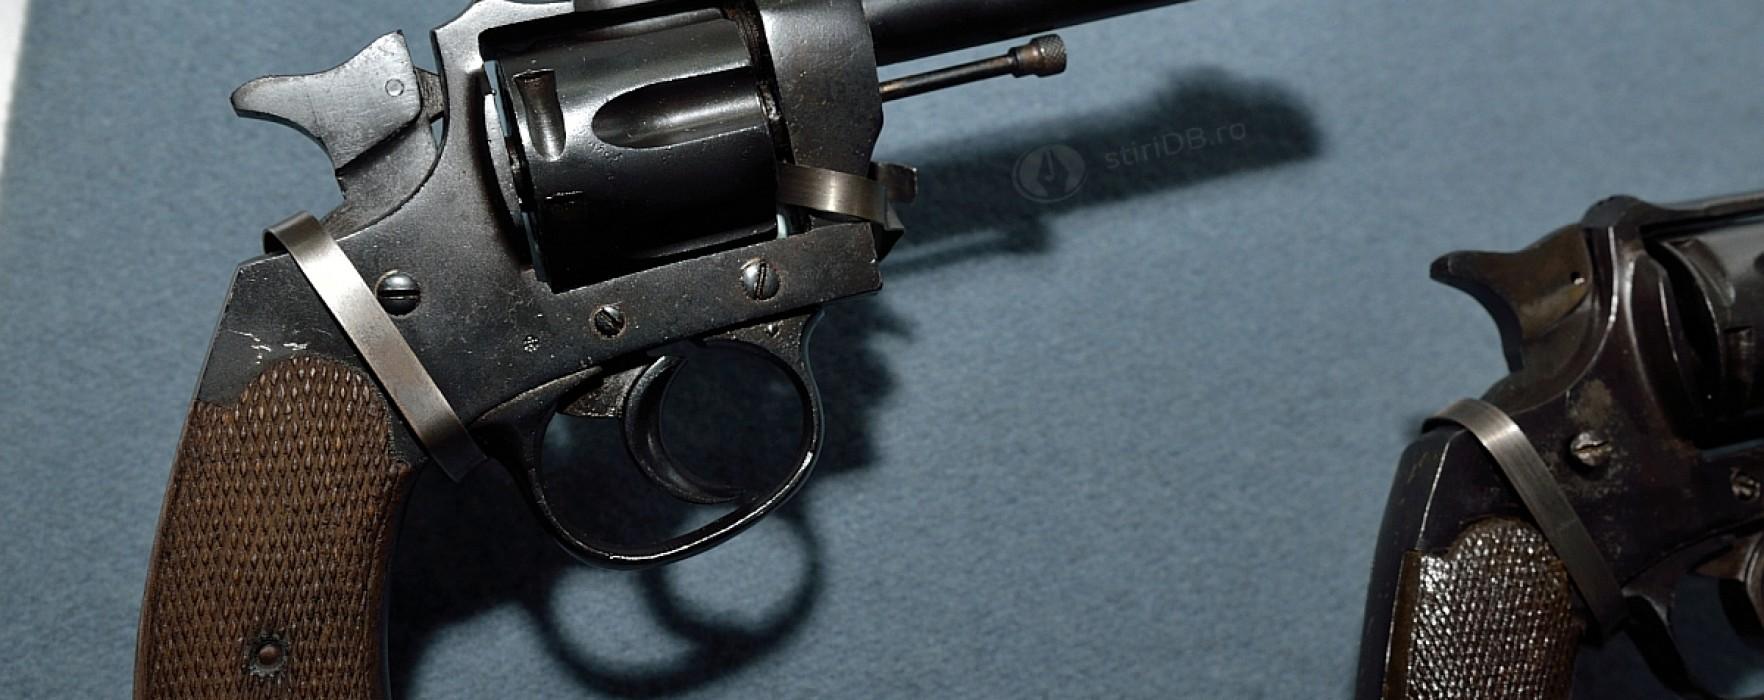 Dâmboviţa: 20 de revolvere, găsite de un bărbat îngropate în curtea casei